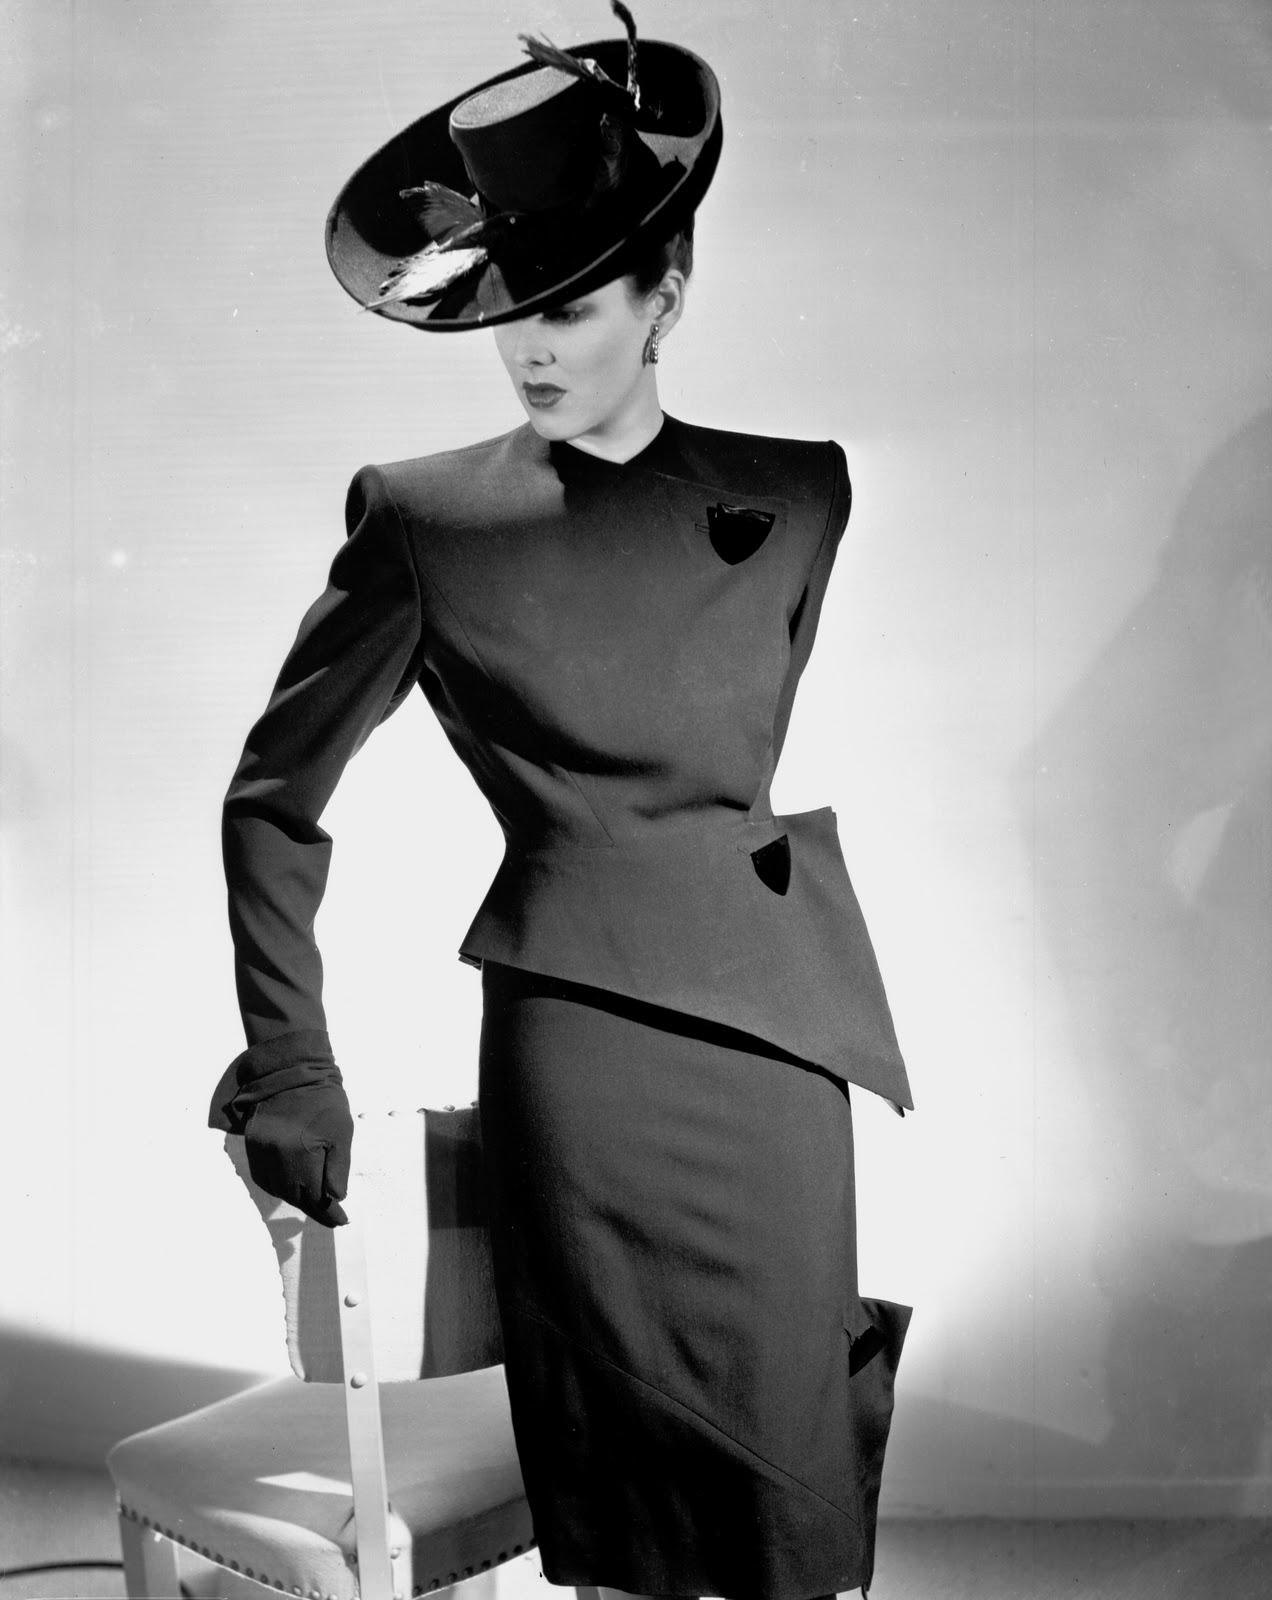 Adrian design circa 1944